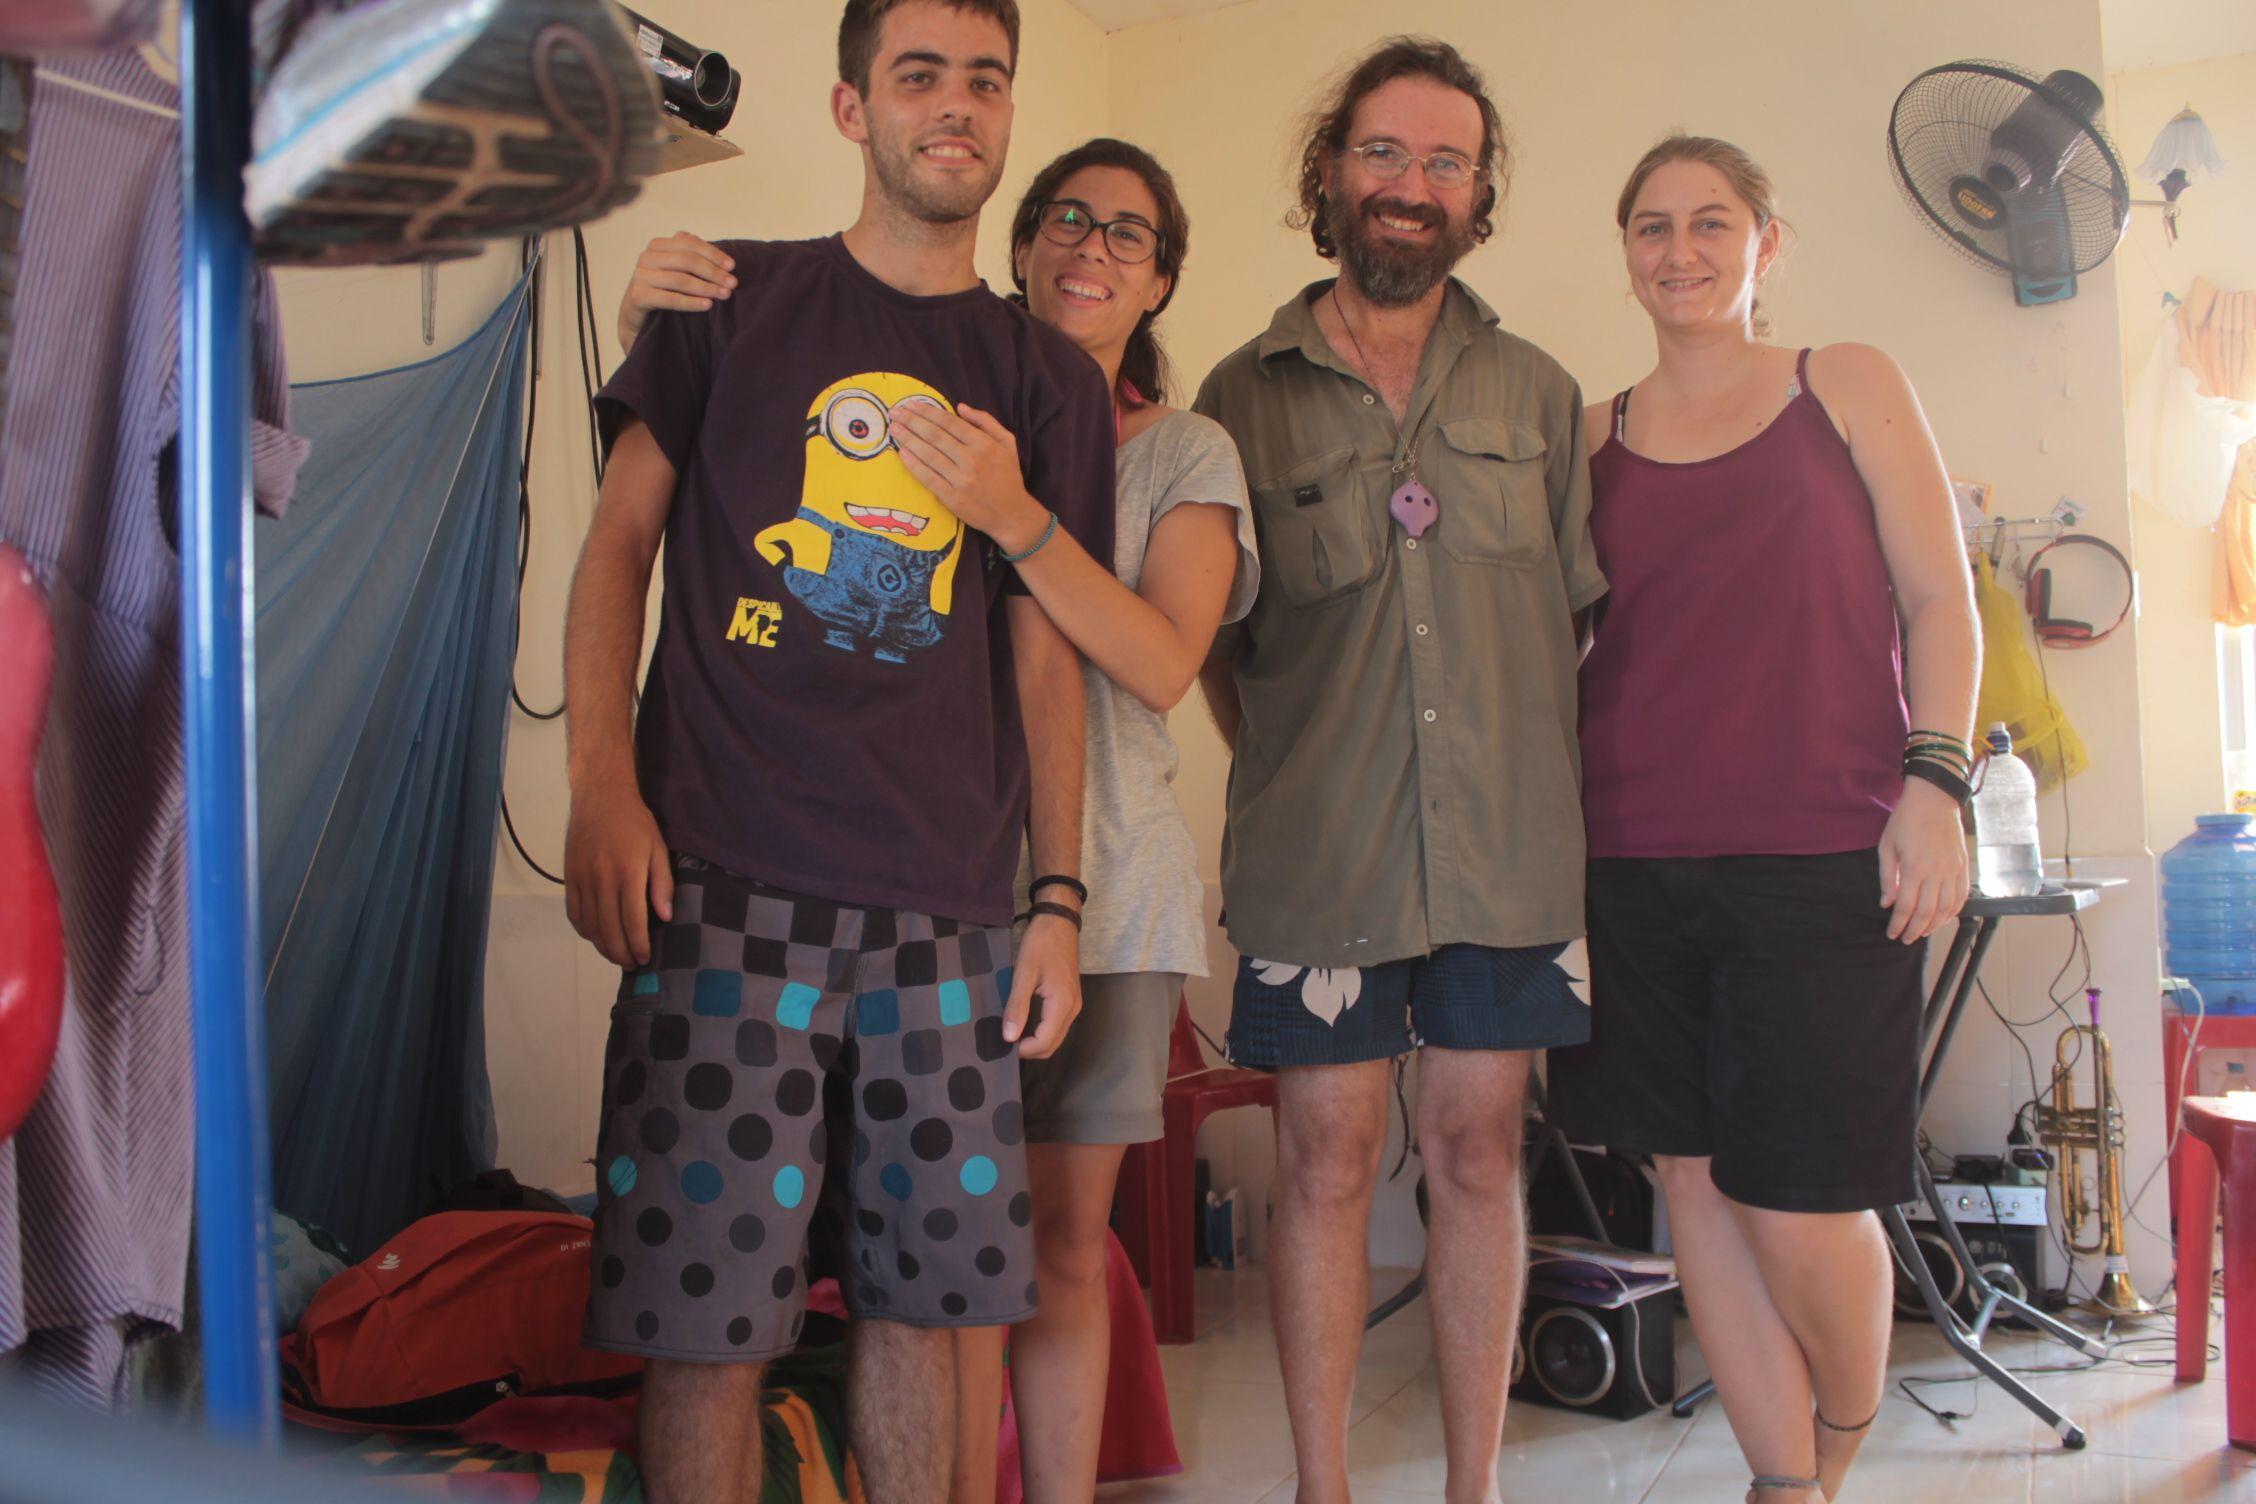 Con Kassandra y Tim, unos australianos la mar de majos